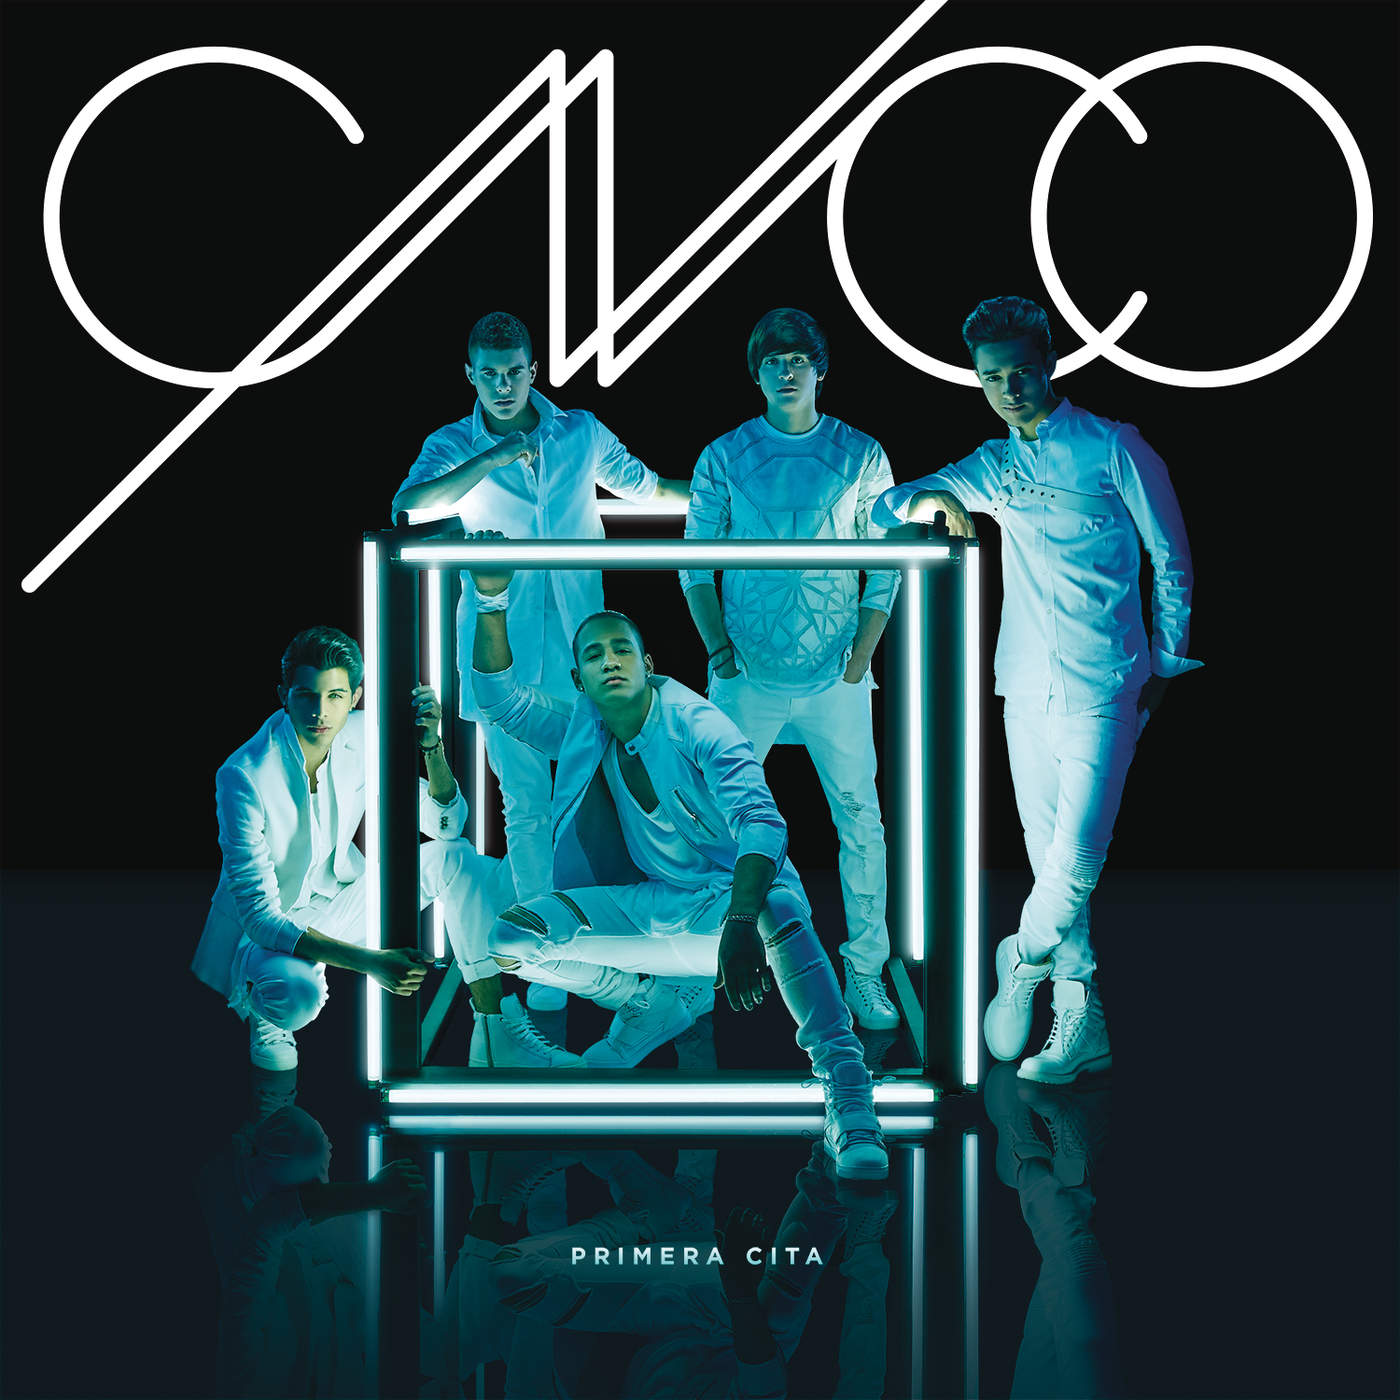 CNCO - Primera Cita Cover